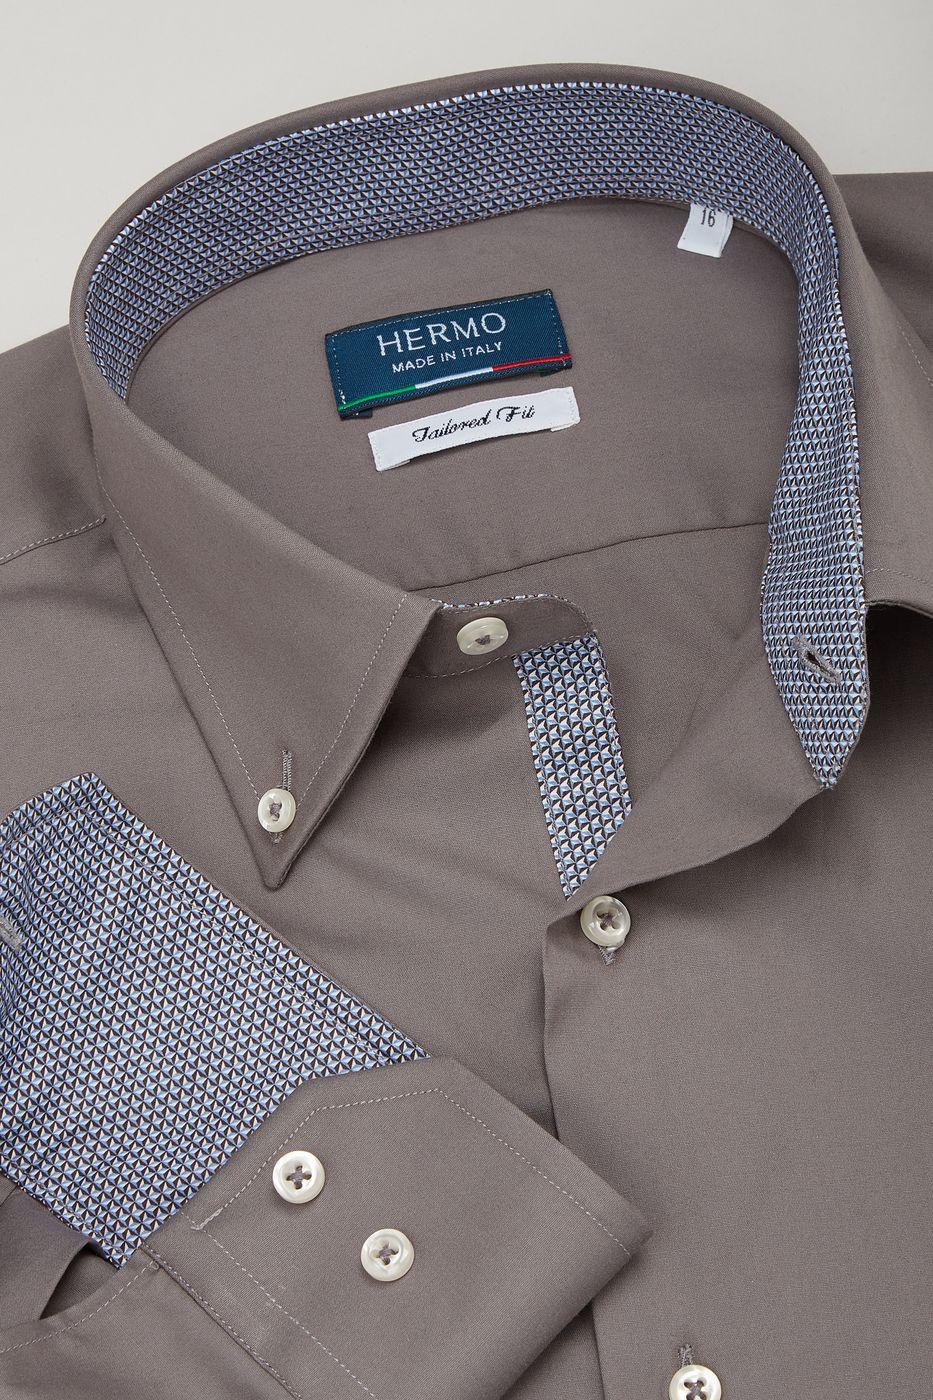 Dettaglio camicia trendy grigio caldo con inserti geometrici